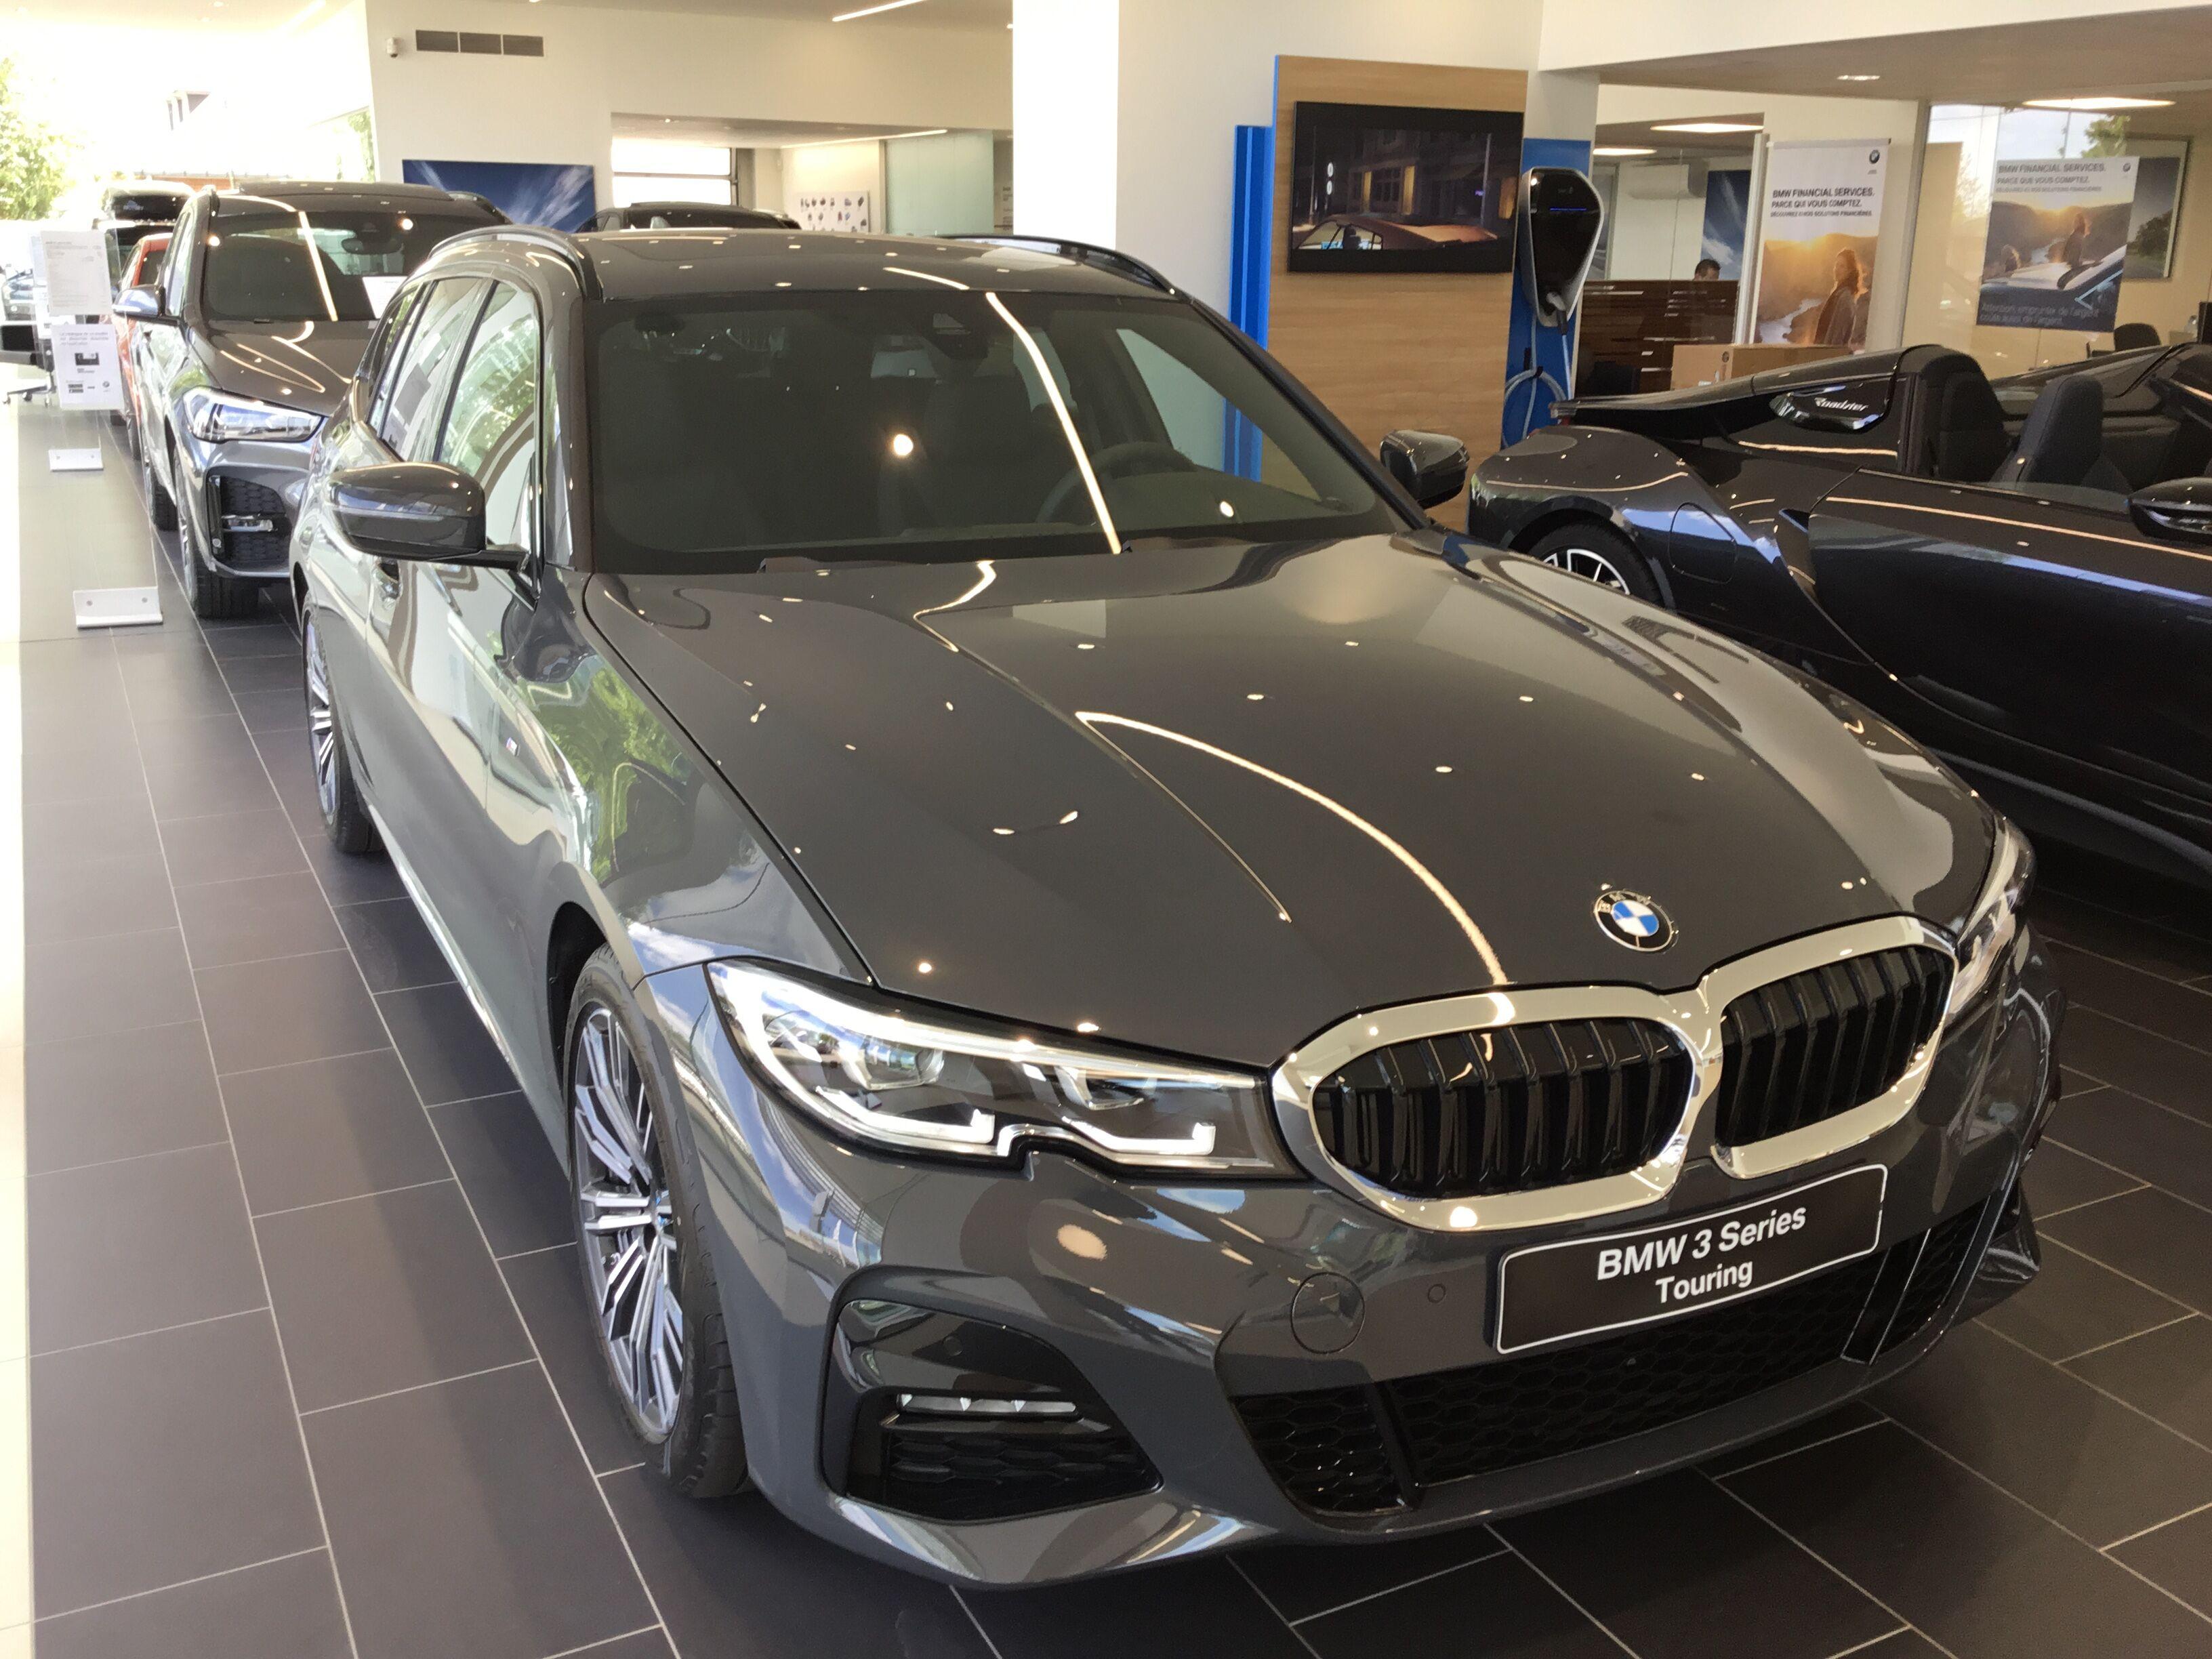 BMW 318 Touring